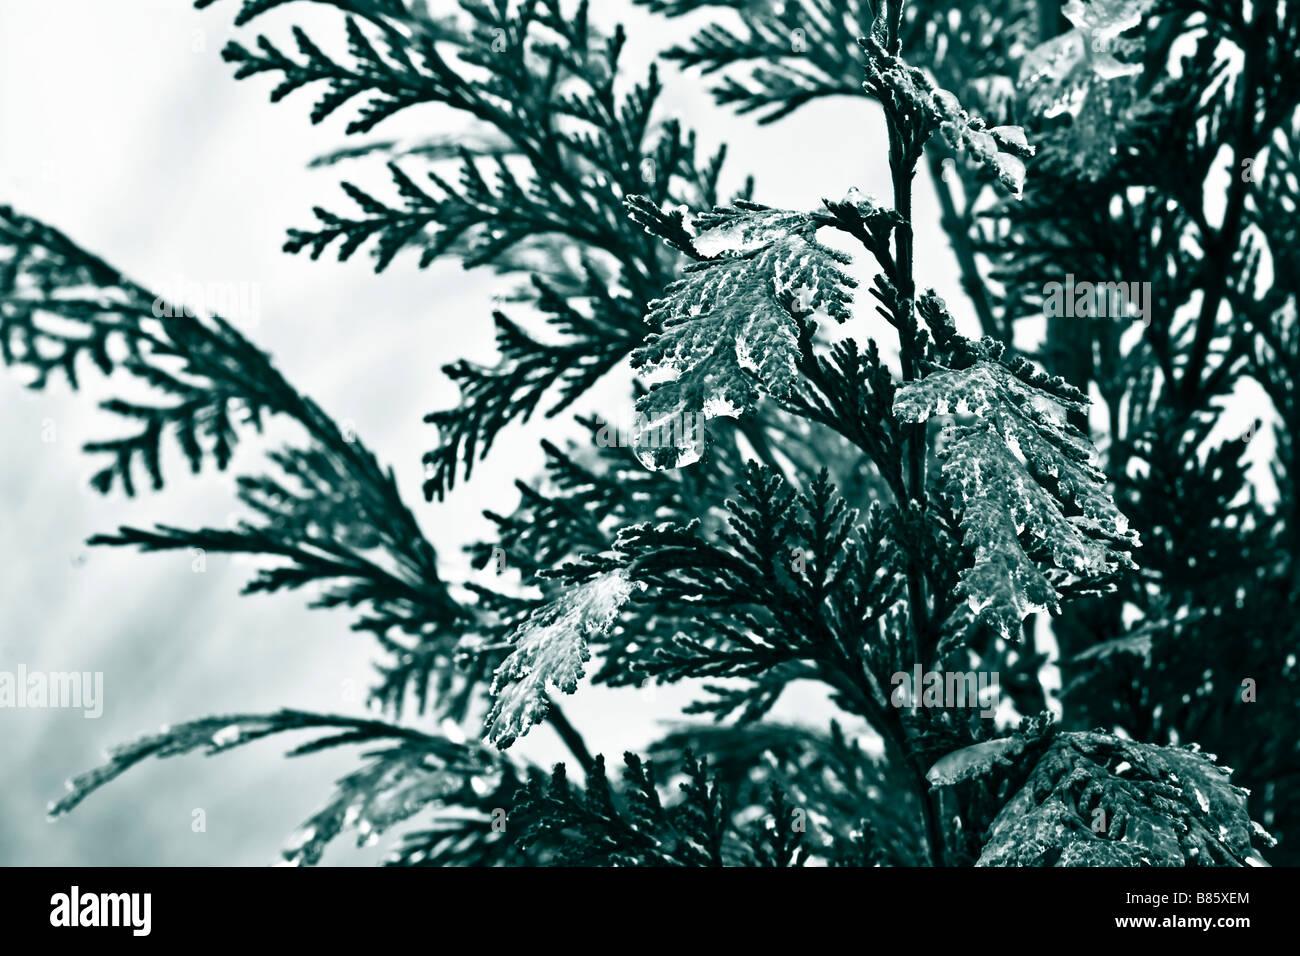 frozen fir twig - Stock Image